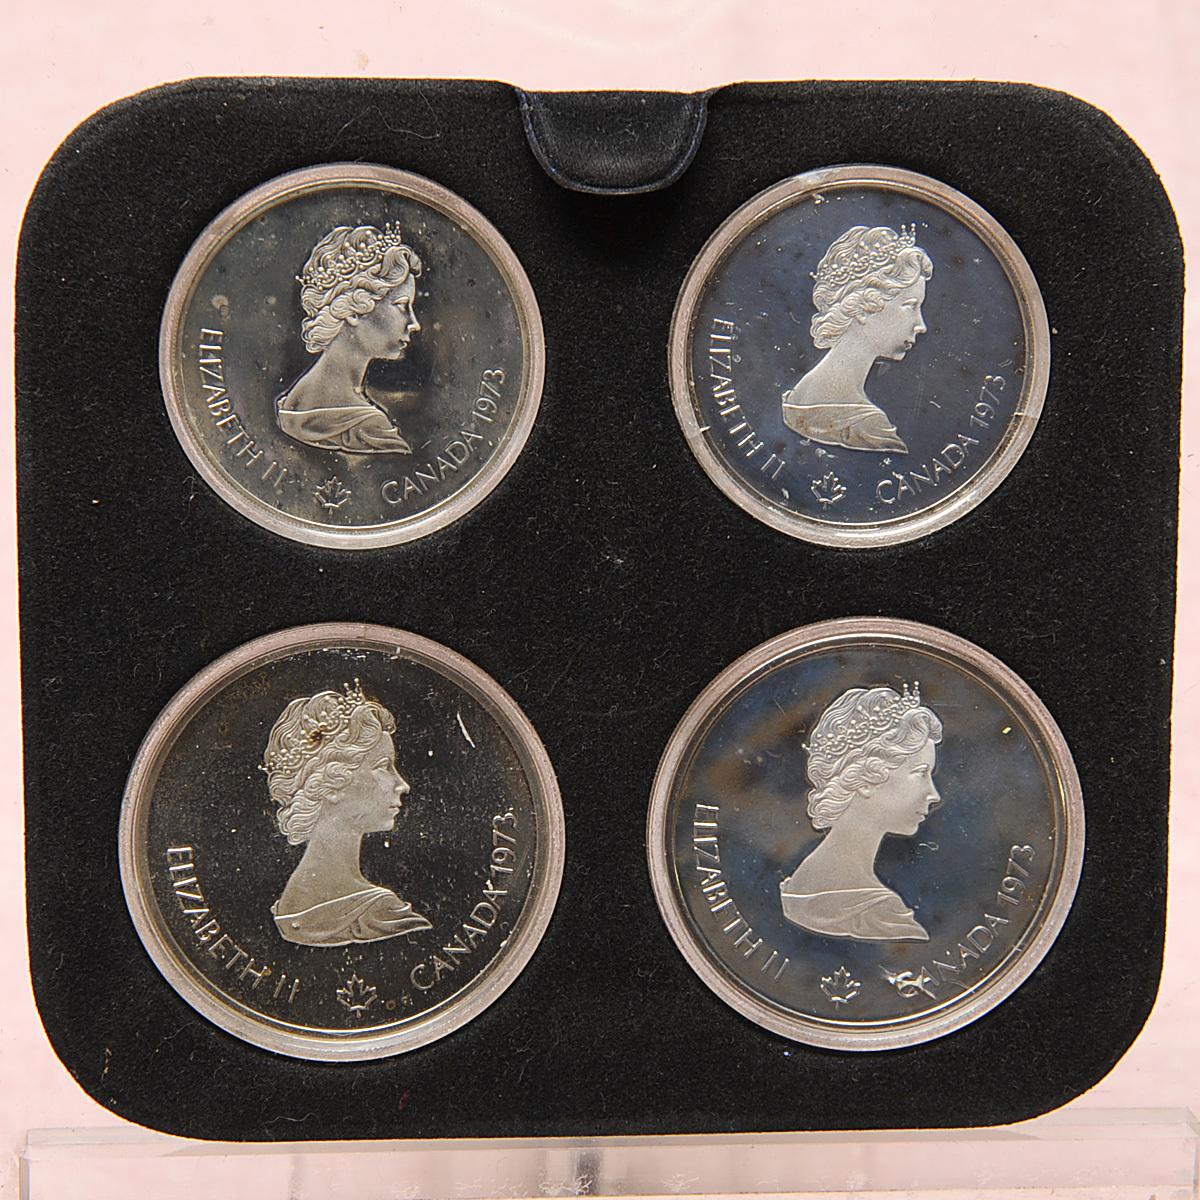 モントリオールオリンピック 10ドル銀貨×2枚 5ドル銀貨×2枚 送料無料 【m76】 1976年 カナダ COJO76 RENWICK 記念硬貨 エリザベス2世_画像2